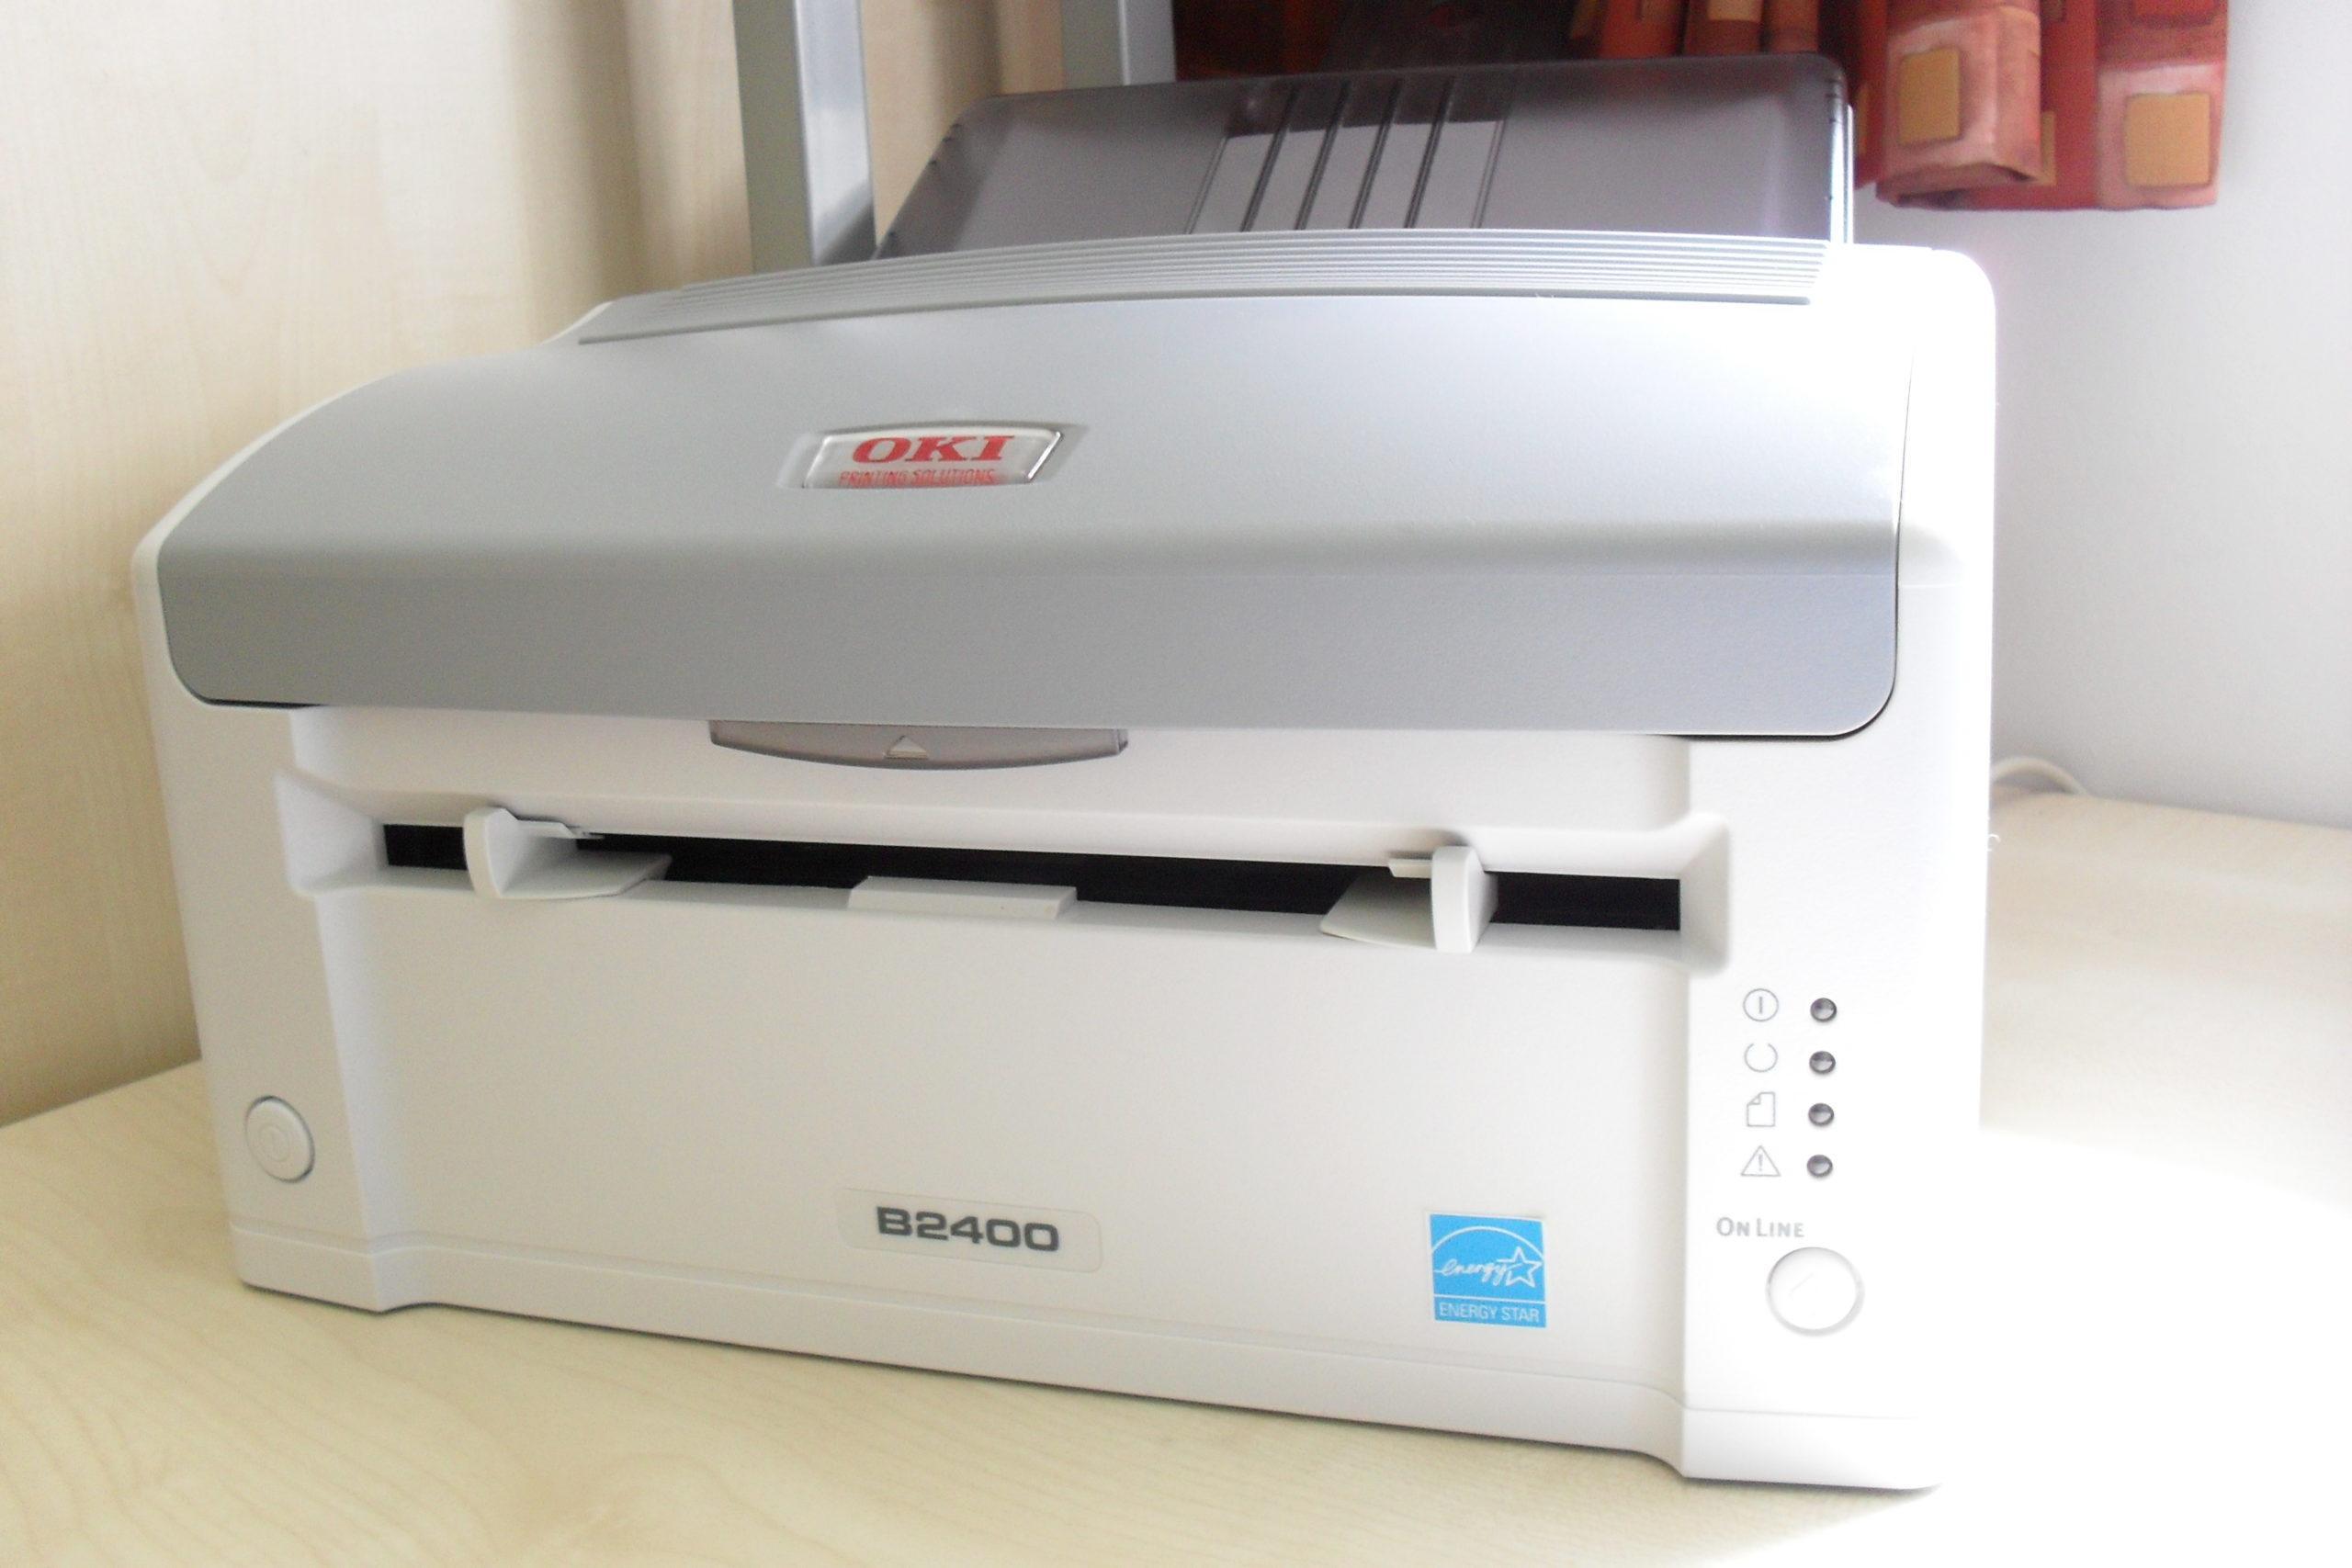 1618308438 na glav 1 scaled - Рейтинг качественных светодиодных принтеров на 2021 год